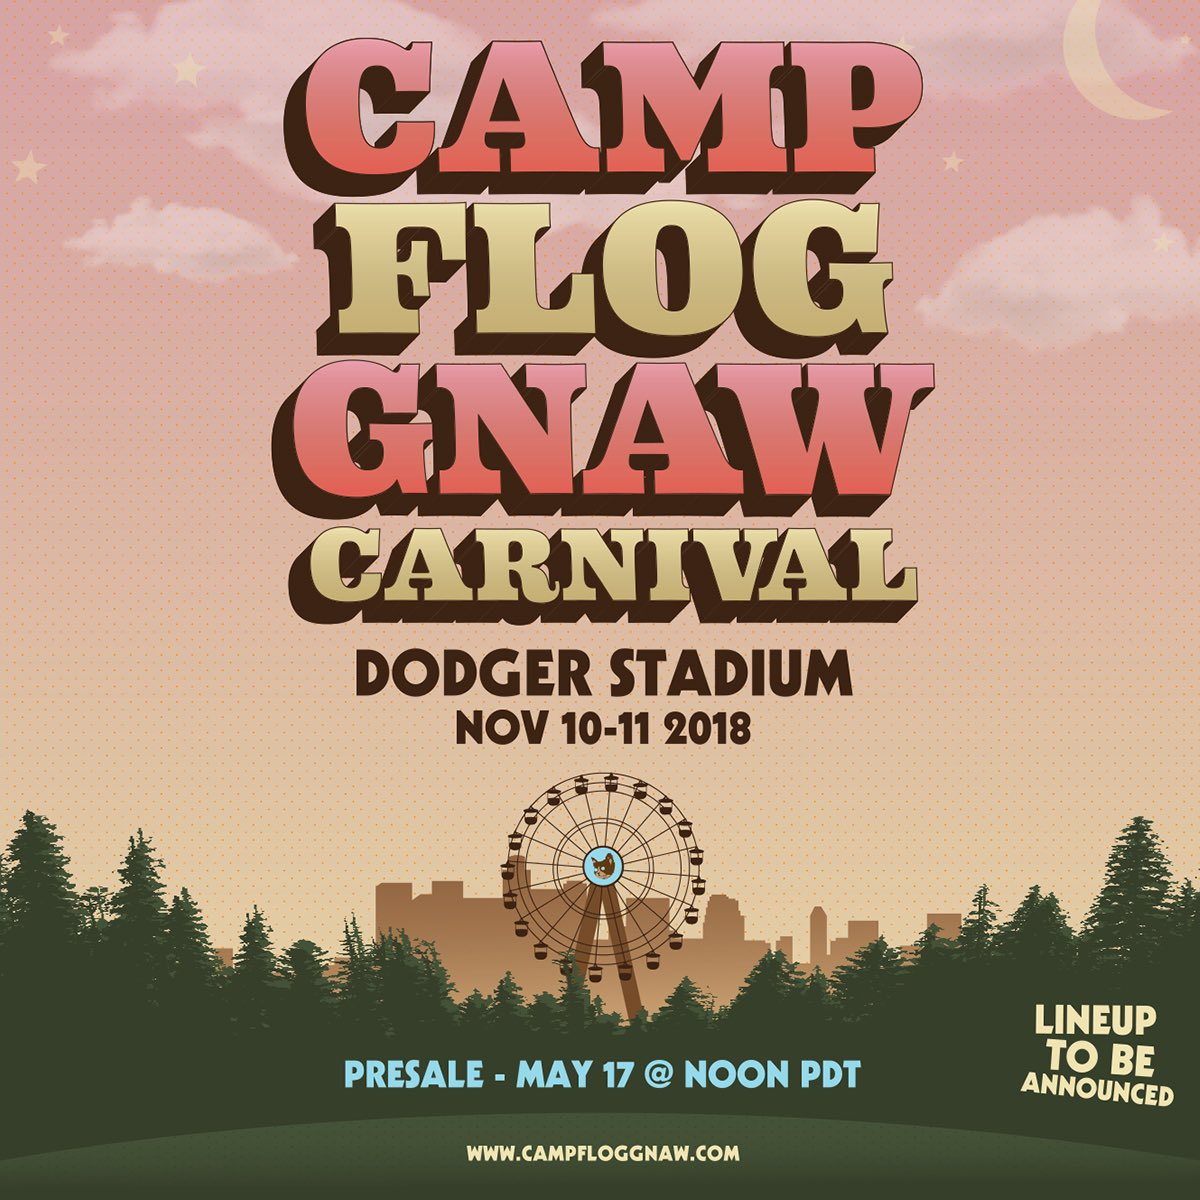 CAMP FLOG GNAW PRE SALE IS NOW IP, STANK YOU: campfloggnaw.com